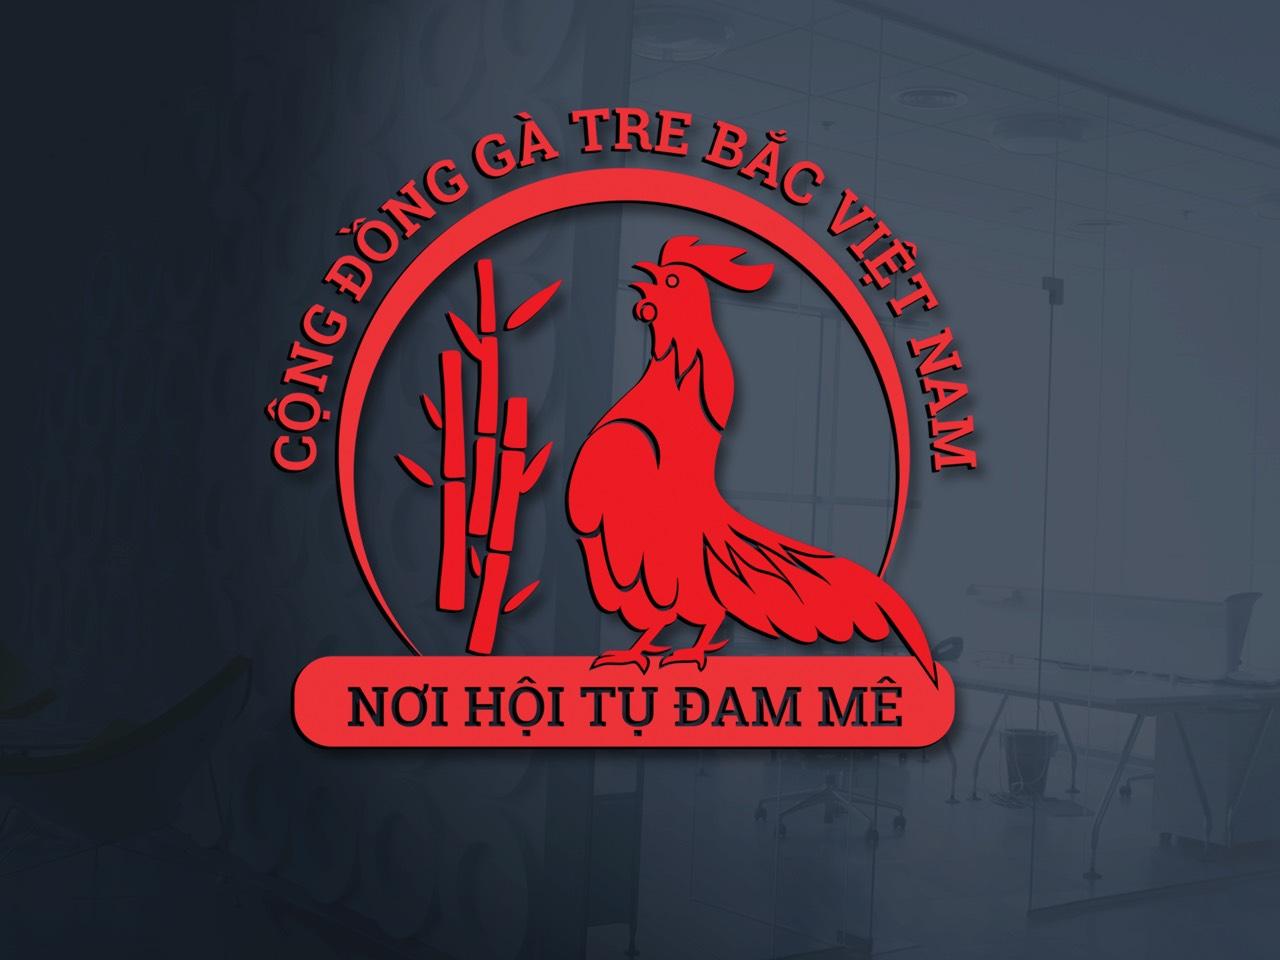 Logo cộng đồng gà tre bắc Việt Nam 6